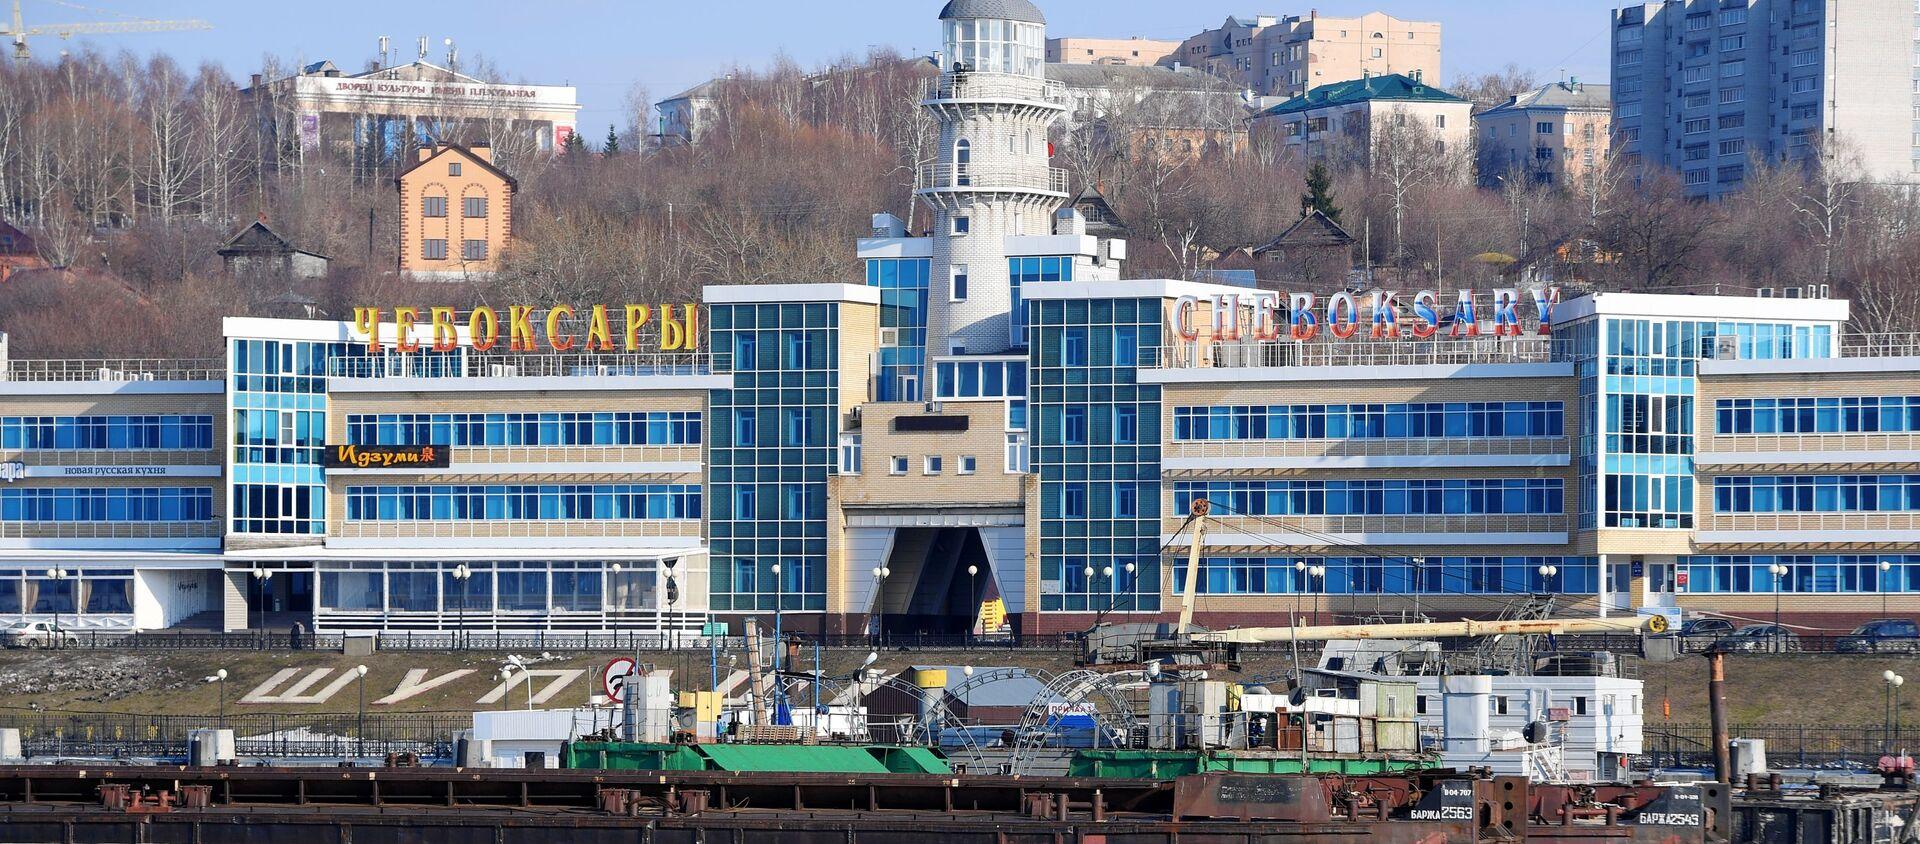 Речной порт в городе Чебоксары. - Sputnik Аҧсны, 1920, 07.04.2021